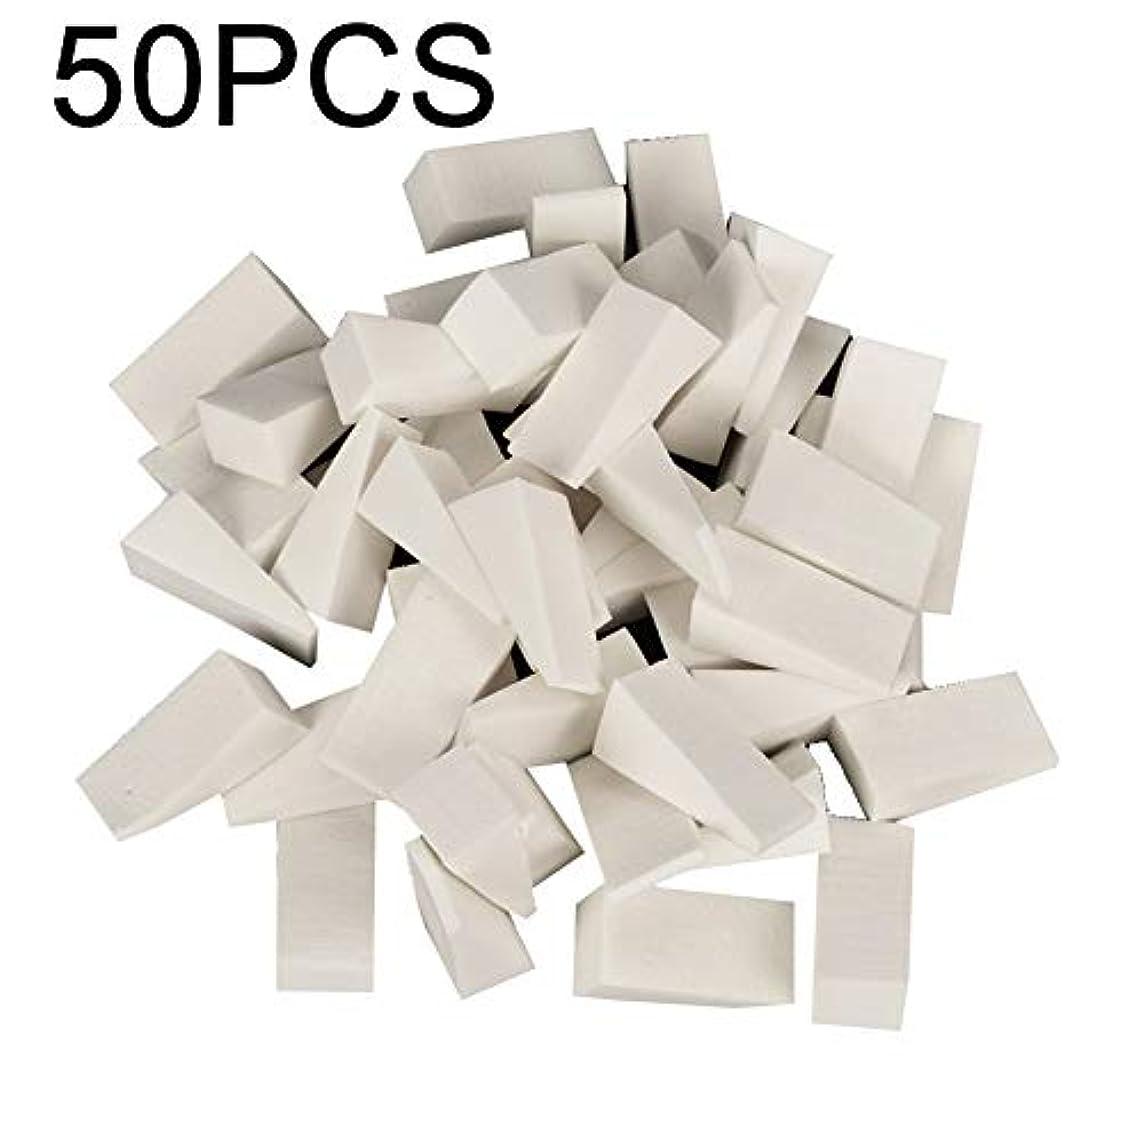 ケープダーベビルのテスオークションhamulekfae-50個使い捨てソフトスポンジネイルスタンパーグラデーションカラーリングマニキュアツールシール